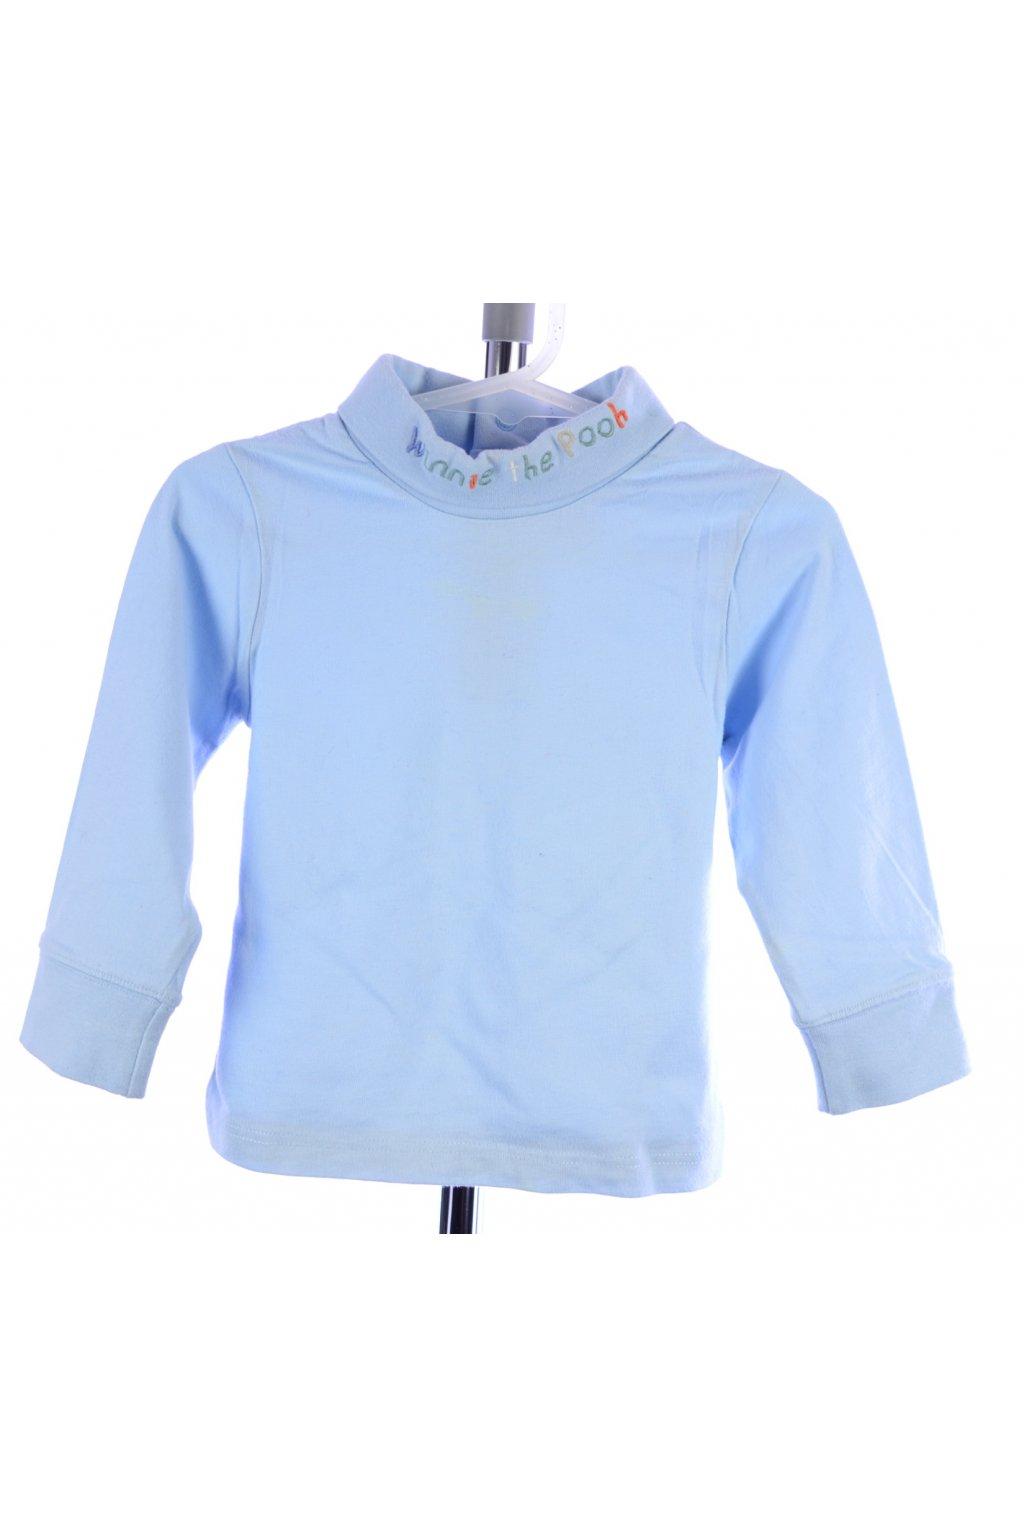 Tričko s rolákem Disney 62 bledě modré